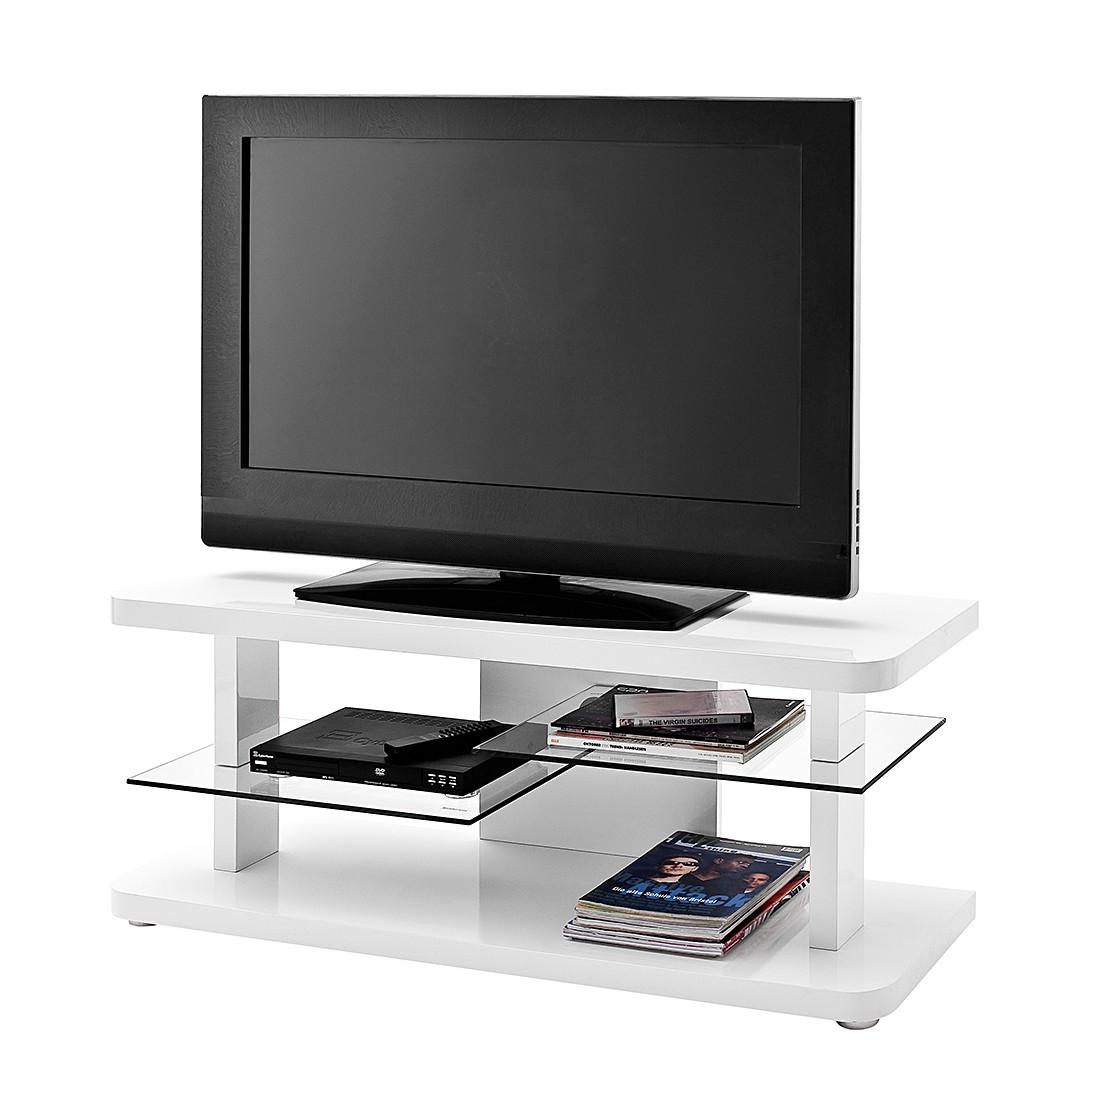 Meuble Tv Profondeur 50 Cm Maison Design